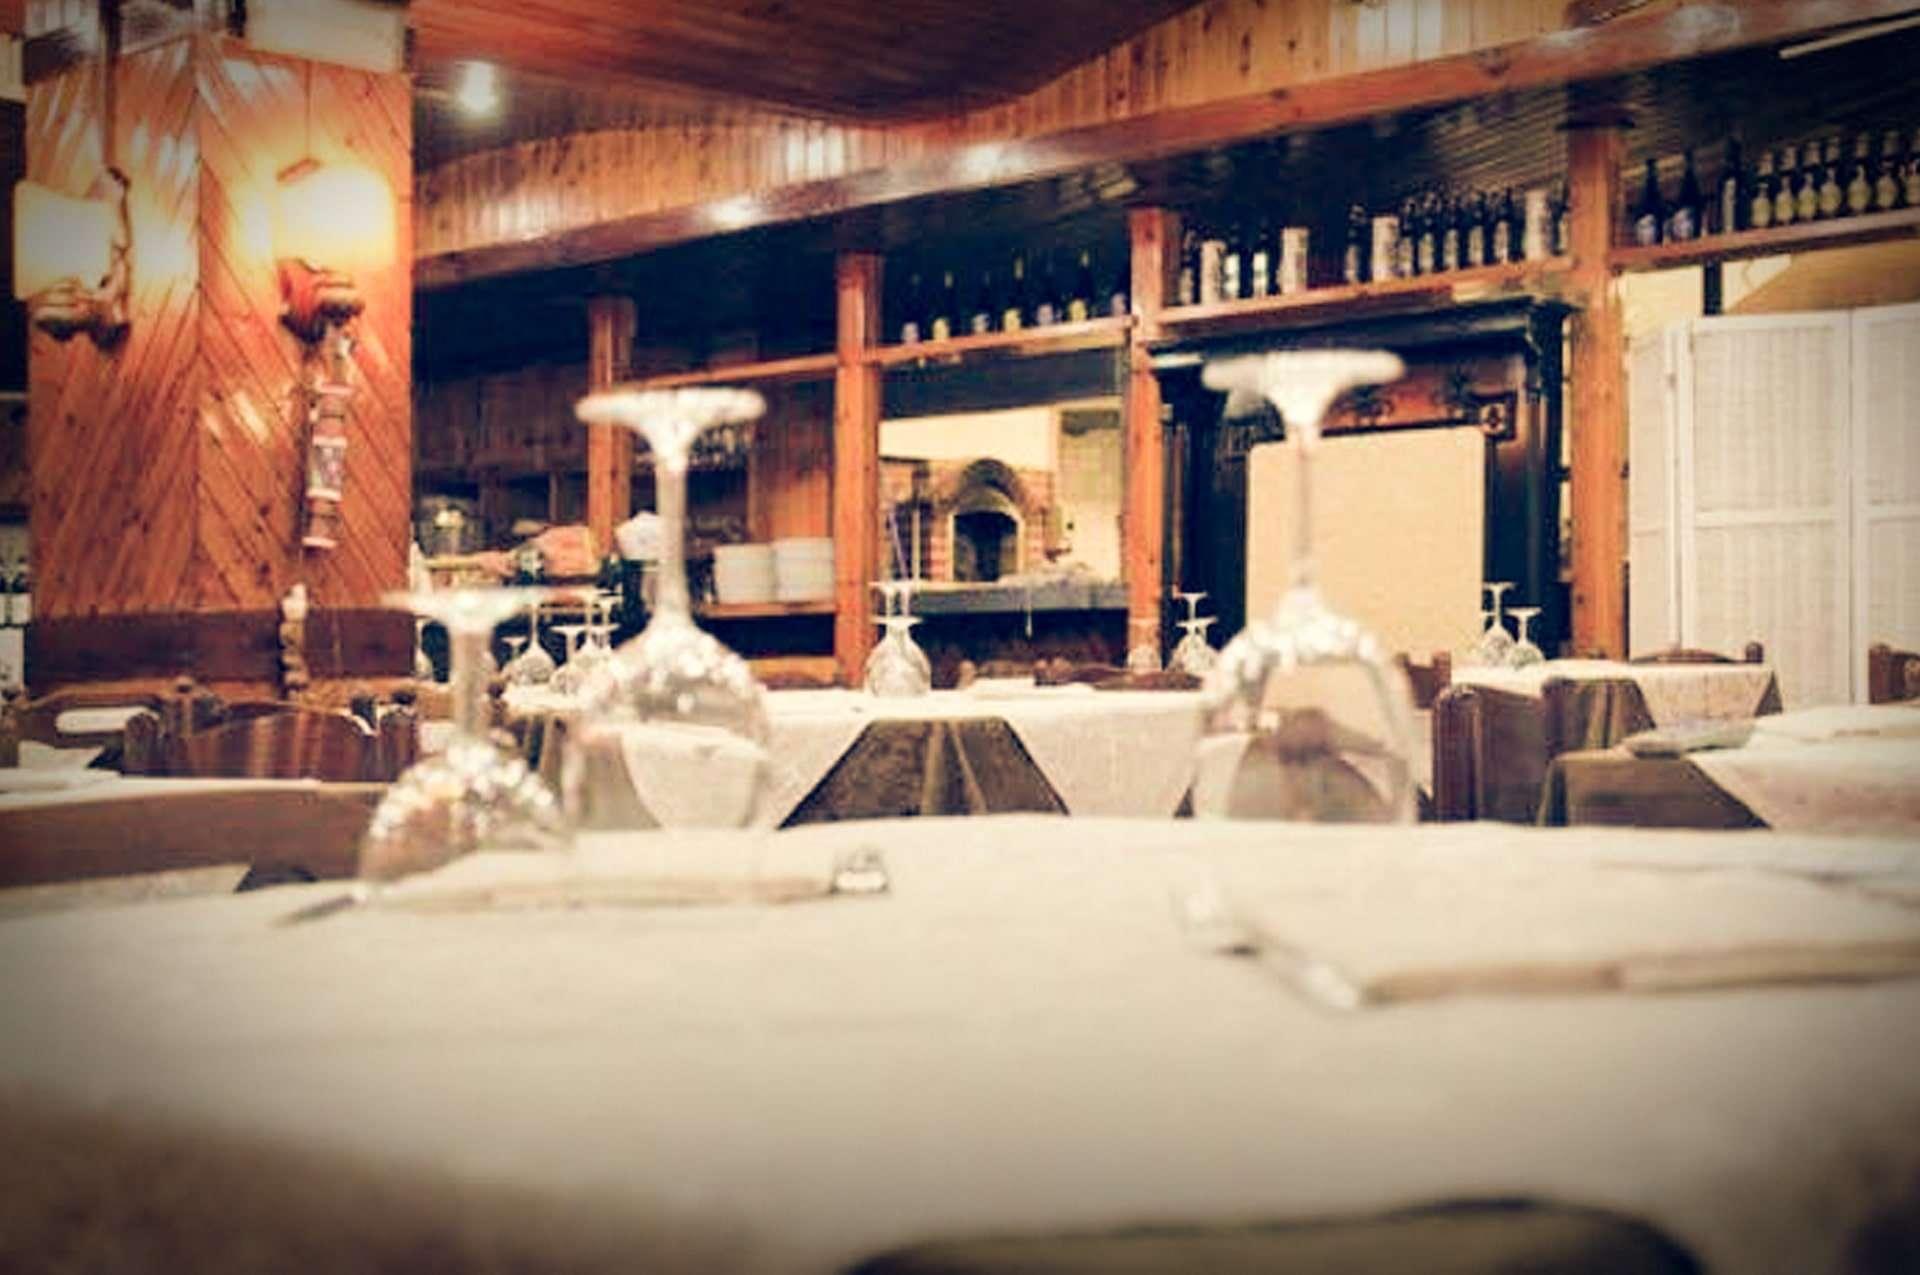 terminillo bar ristorante roma